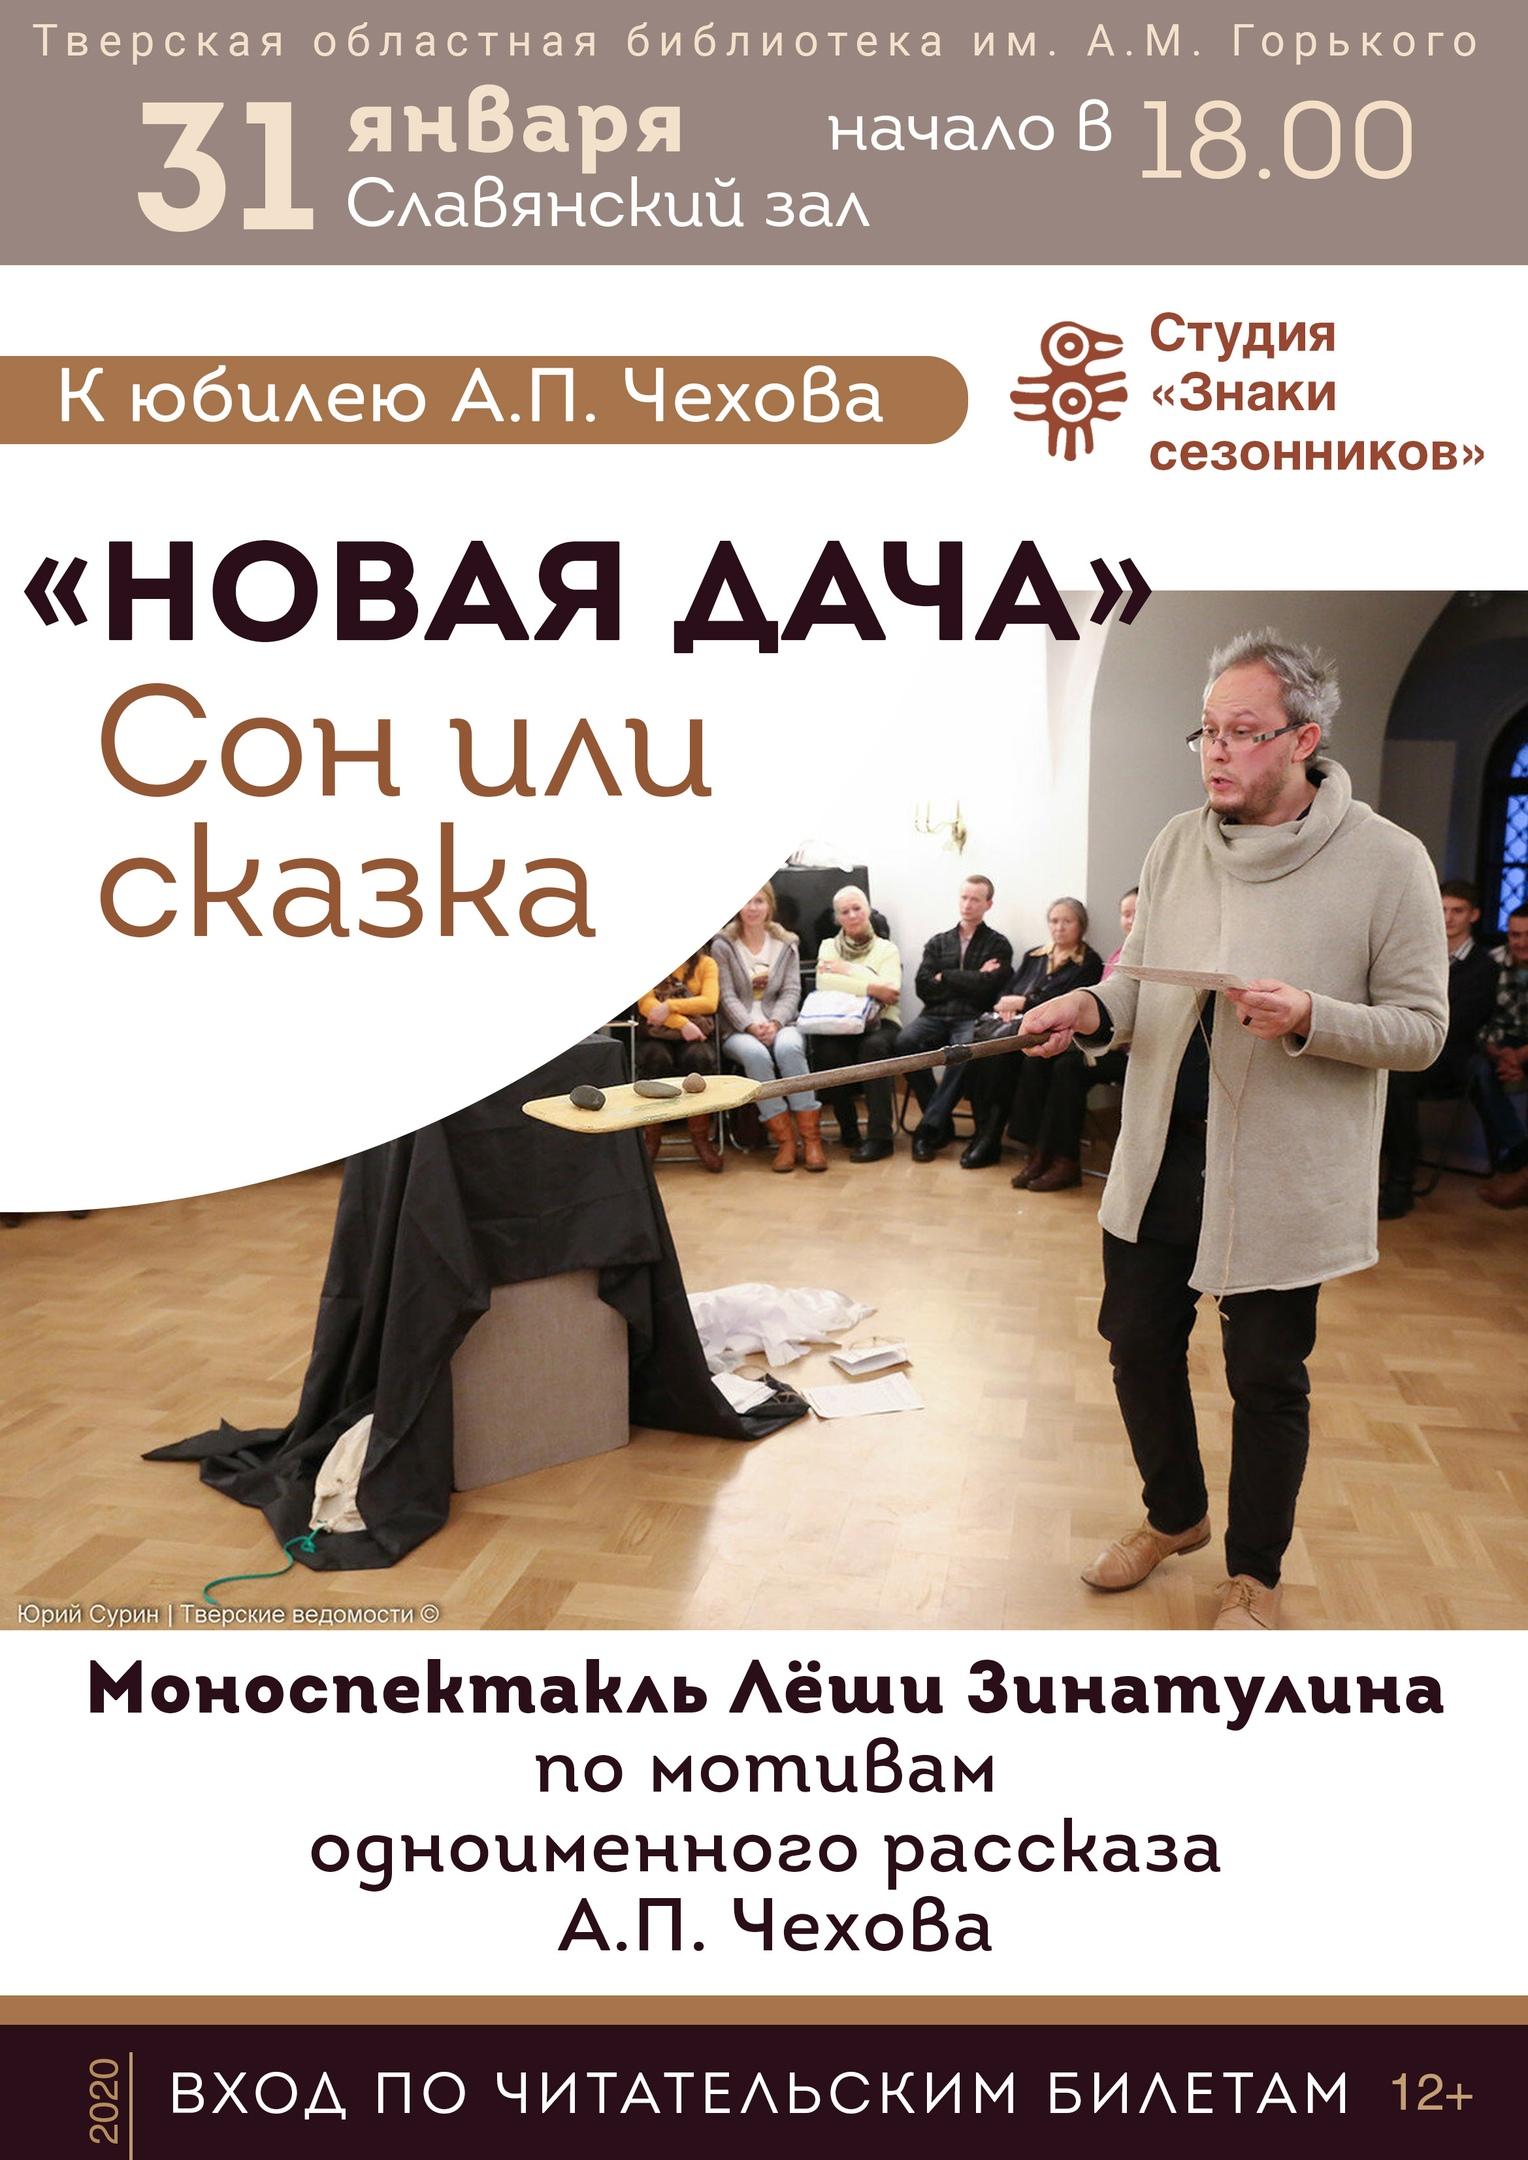 В тверской библиотеке пройдет моноспектакль «Новая дача»